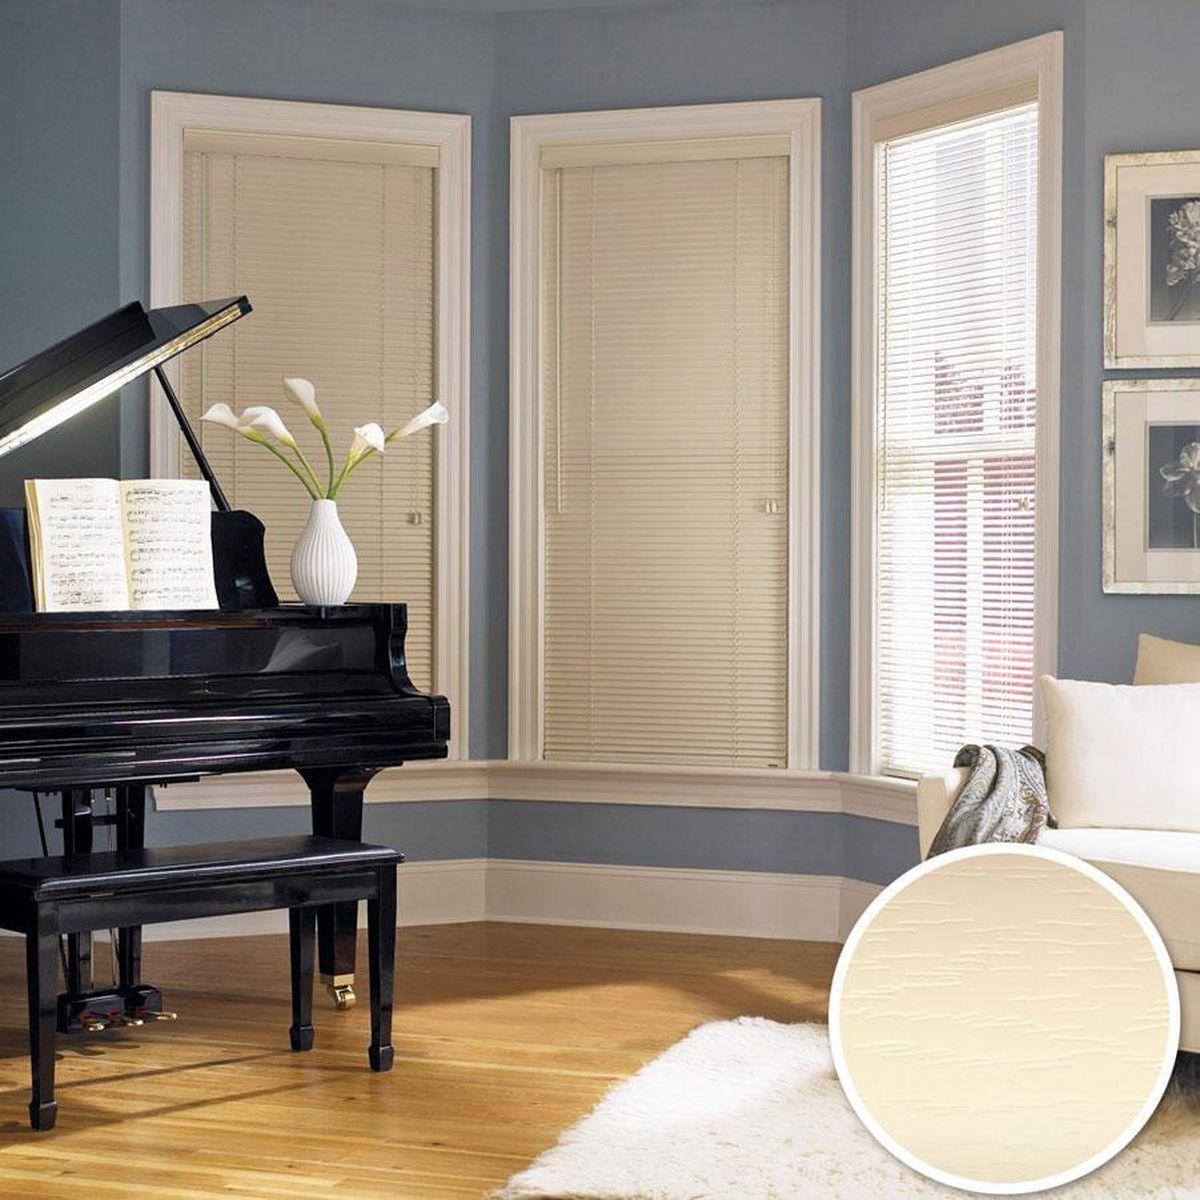 Жалюзи Эскар, цвет: бежевый, ширина 140 см, высота 160 смЗНАС-1000Для того чтобы придать интерьеру изюминку и завершенность, нет ничего лучше, чем использовать жалюзи на окнах квартиры, дома или офиса. С их помощью можно подчеркнуть индивидуальный вкус, а также стилевое оформление помещения. Помимо декоративных функций, жалюзи выполняют и практические задачи: они защищают от излишнего солнечного света, не дают помещению нагреваться, а также создают уют в темное время суток.Пластиковые жалюзи - самое универсальное и недорогое решение для любого помещения. Купить их может каждый, а широкий выбор размеров под самые популярные габариты сделает покупку простой и удобной. Пластиковые жалюзи имеют высокие эксплуатационные характеристики - они гигиеничны, что делает их незаменимыми при монтаже в детских и медицинских учреждениях.